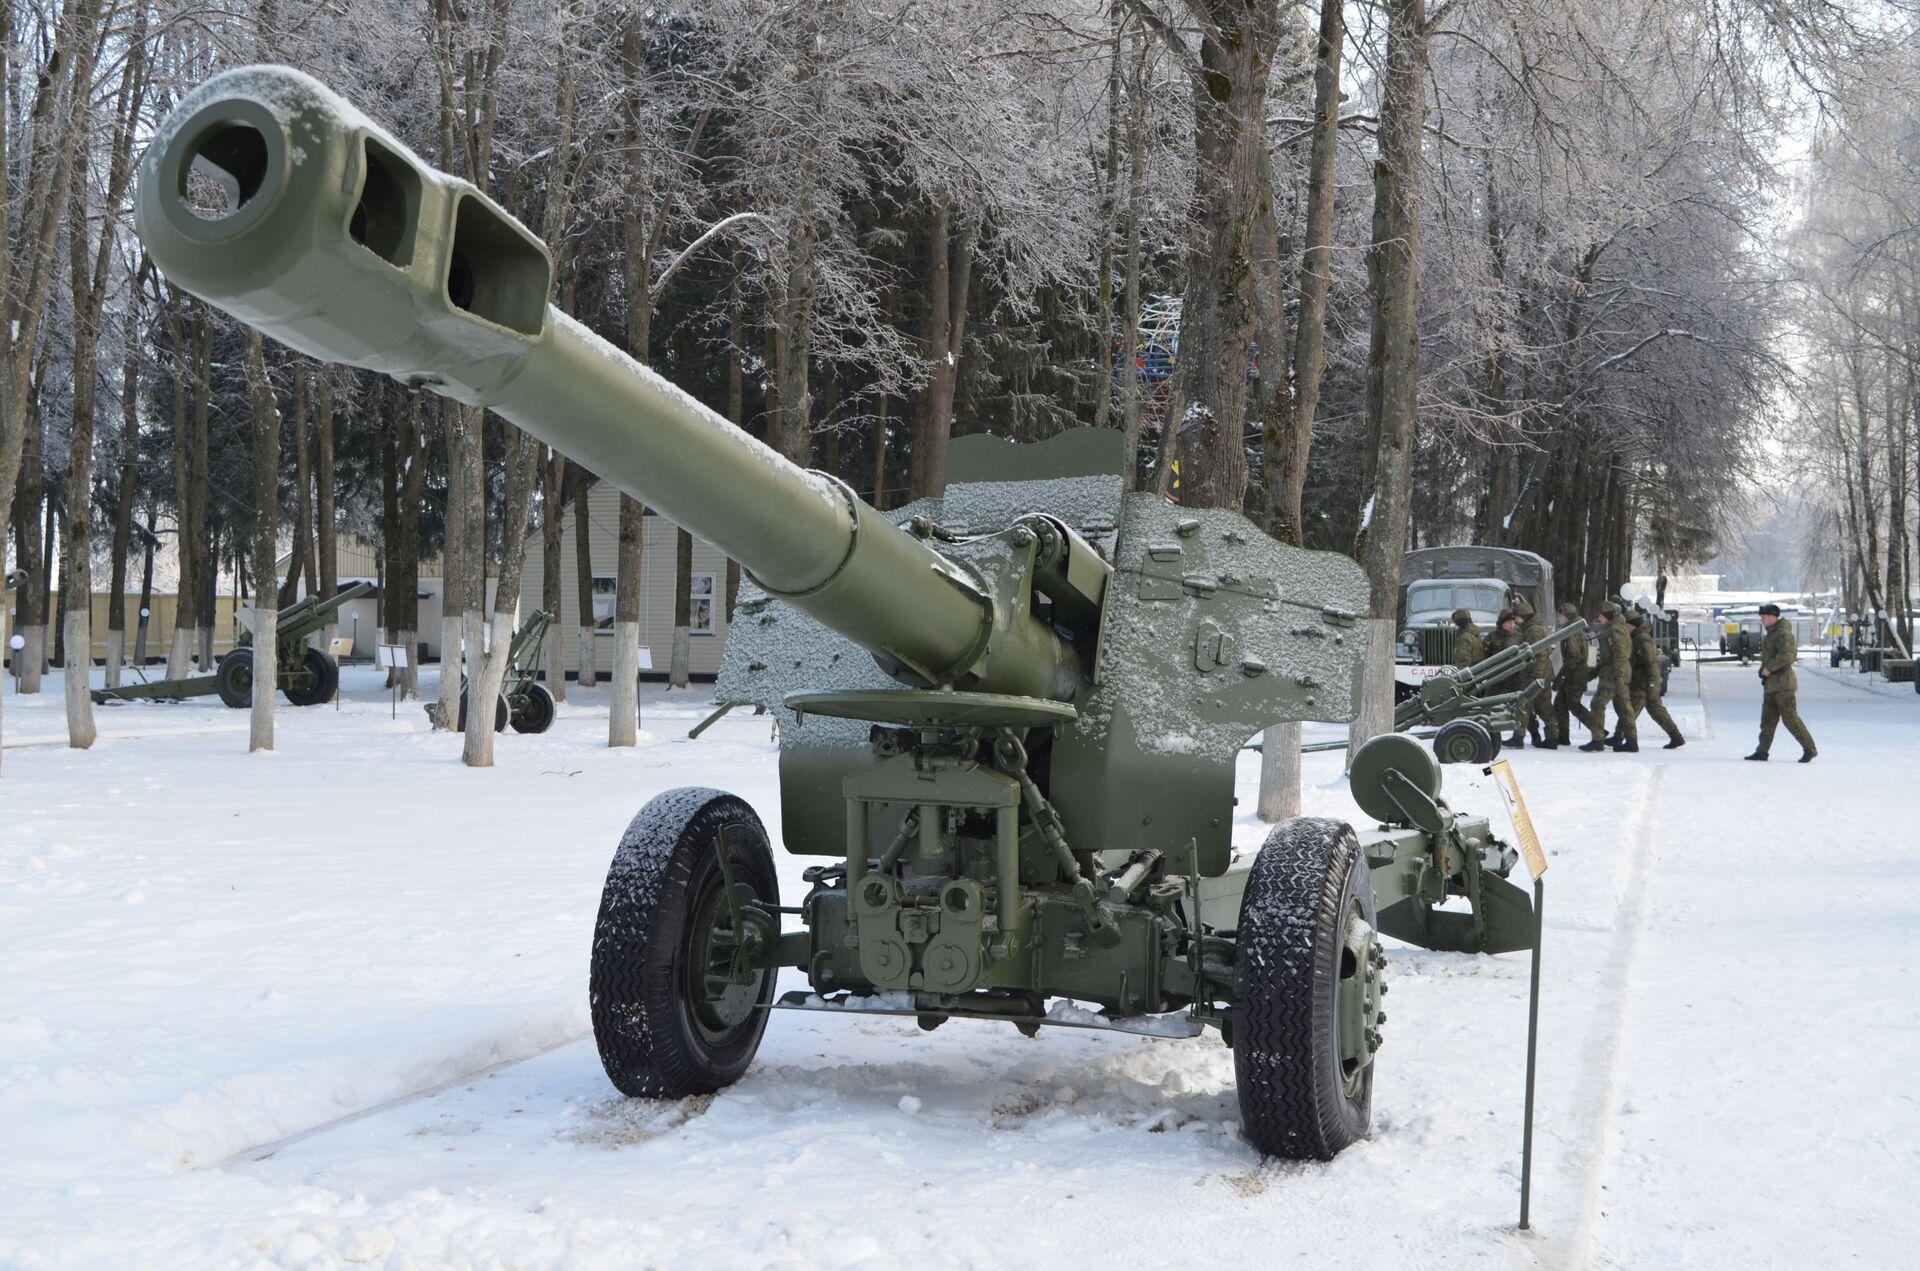 152-миллиметровая гаубица Д-20 - РИА Новости, 1920, 25.12.2020